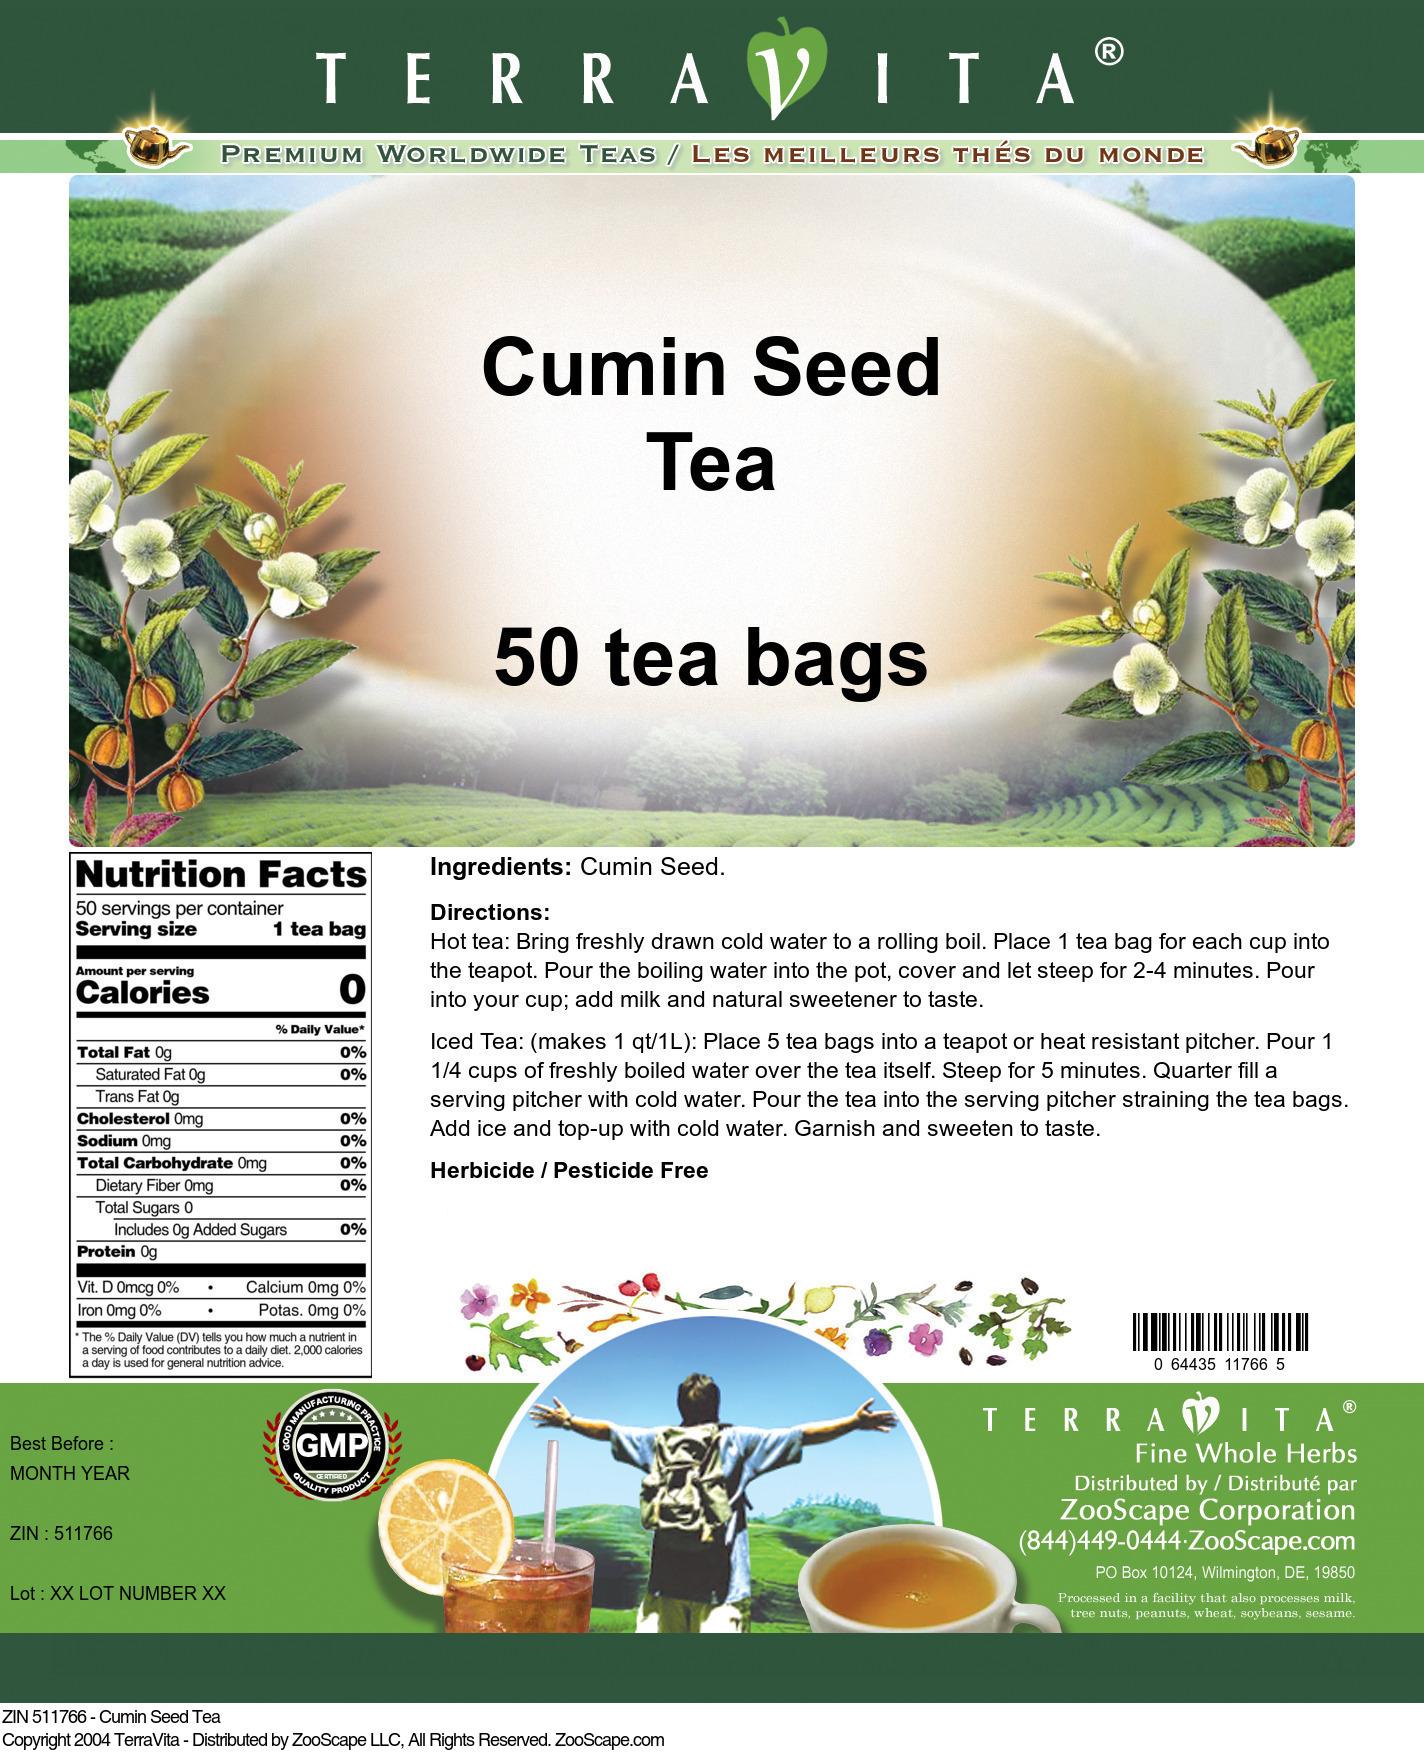 Cumin Seed Tea